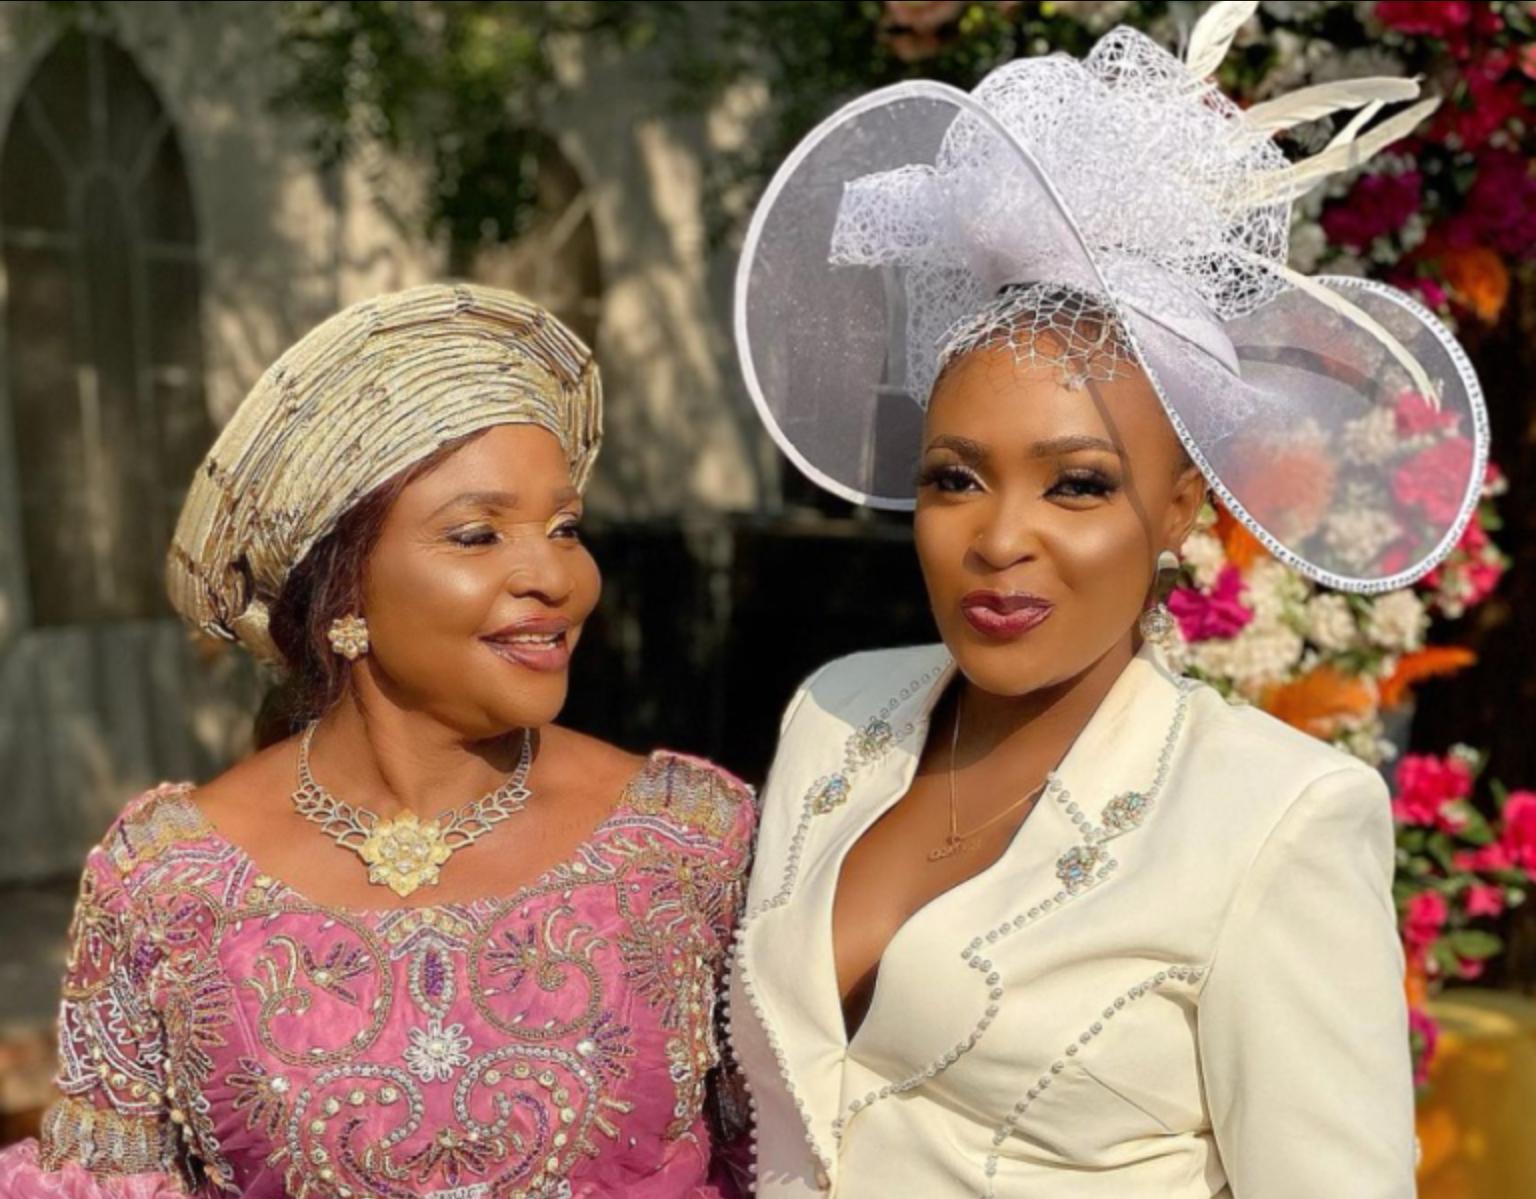 Blessing Okoro Flaunts Her Look-Alike Mother On Social Media